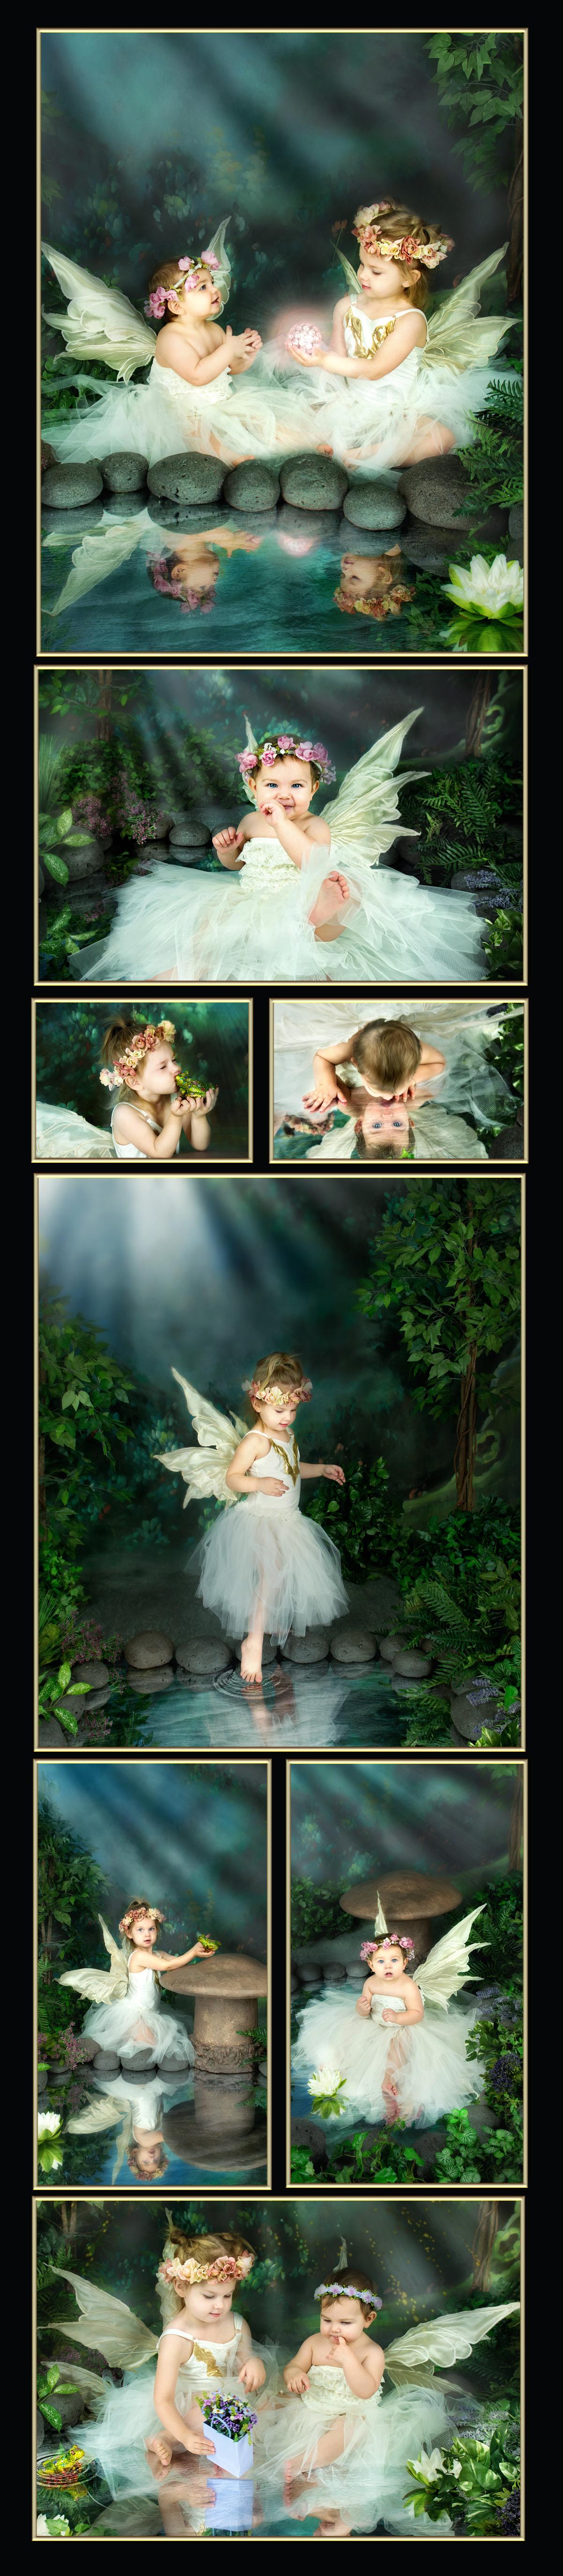 two-little_angels.jpg